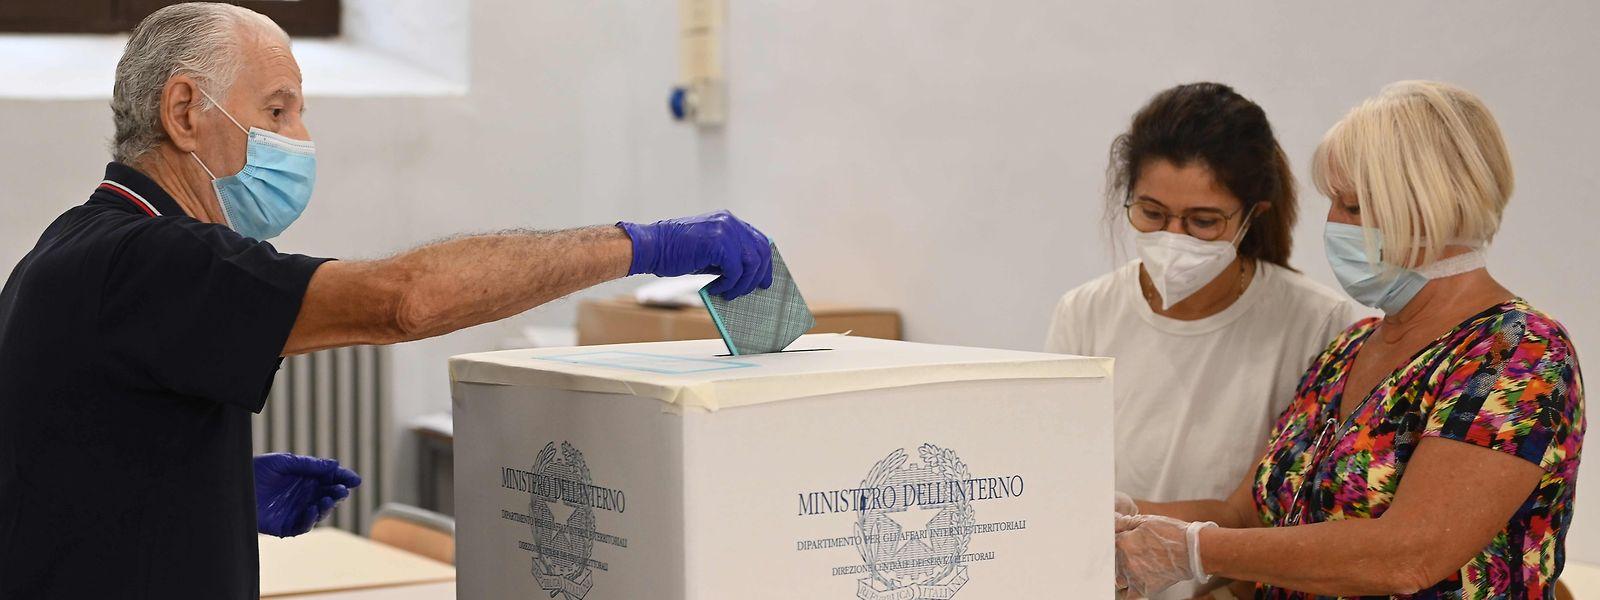 Beim Referendum und dem parallel dazu stattfindenden Regionalwahlen galten aufgrund von Corona strenge Hygienevorschriften.